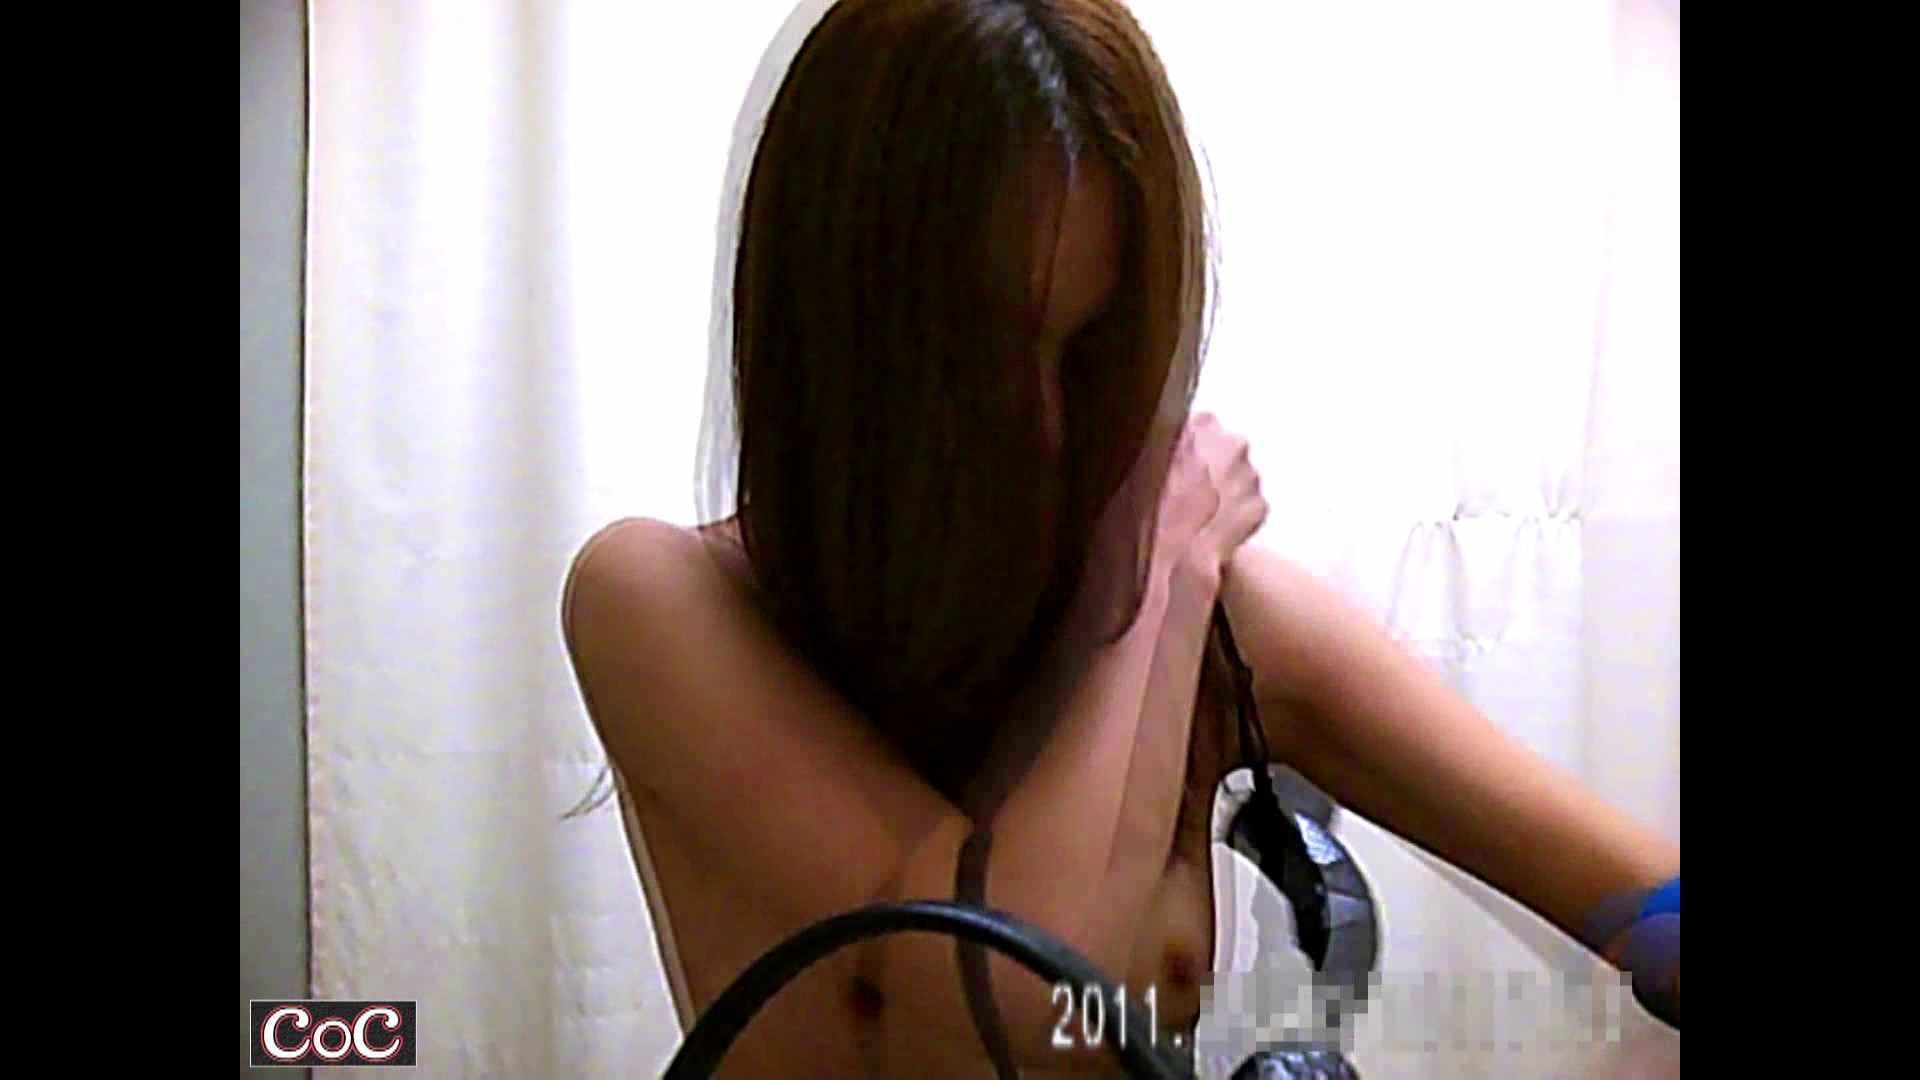 病院おもいっきり着替え! vol.24 乳首 のぞき動画画像 100PIX 81